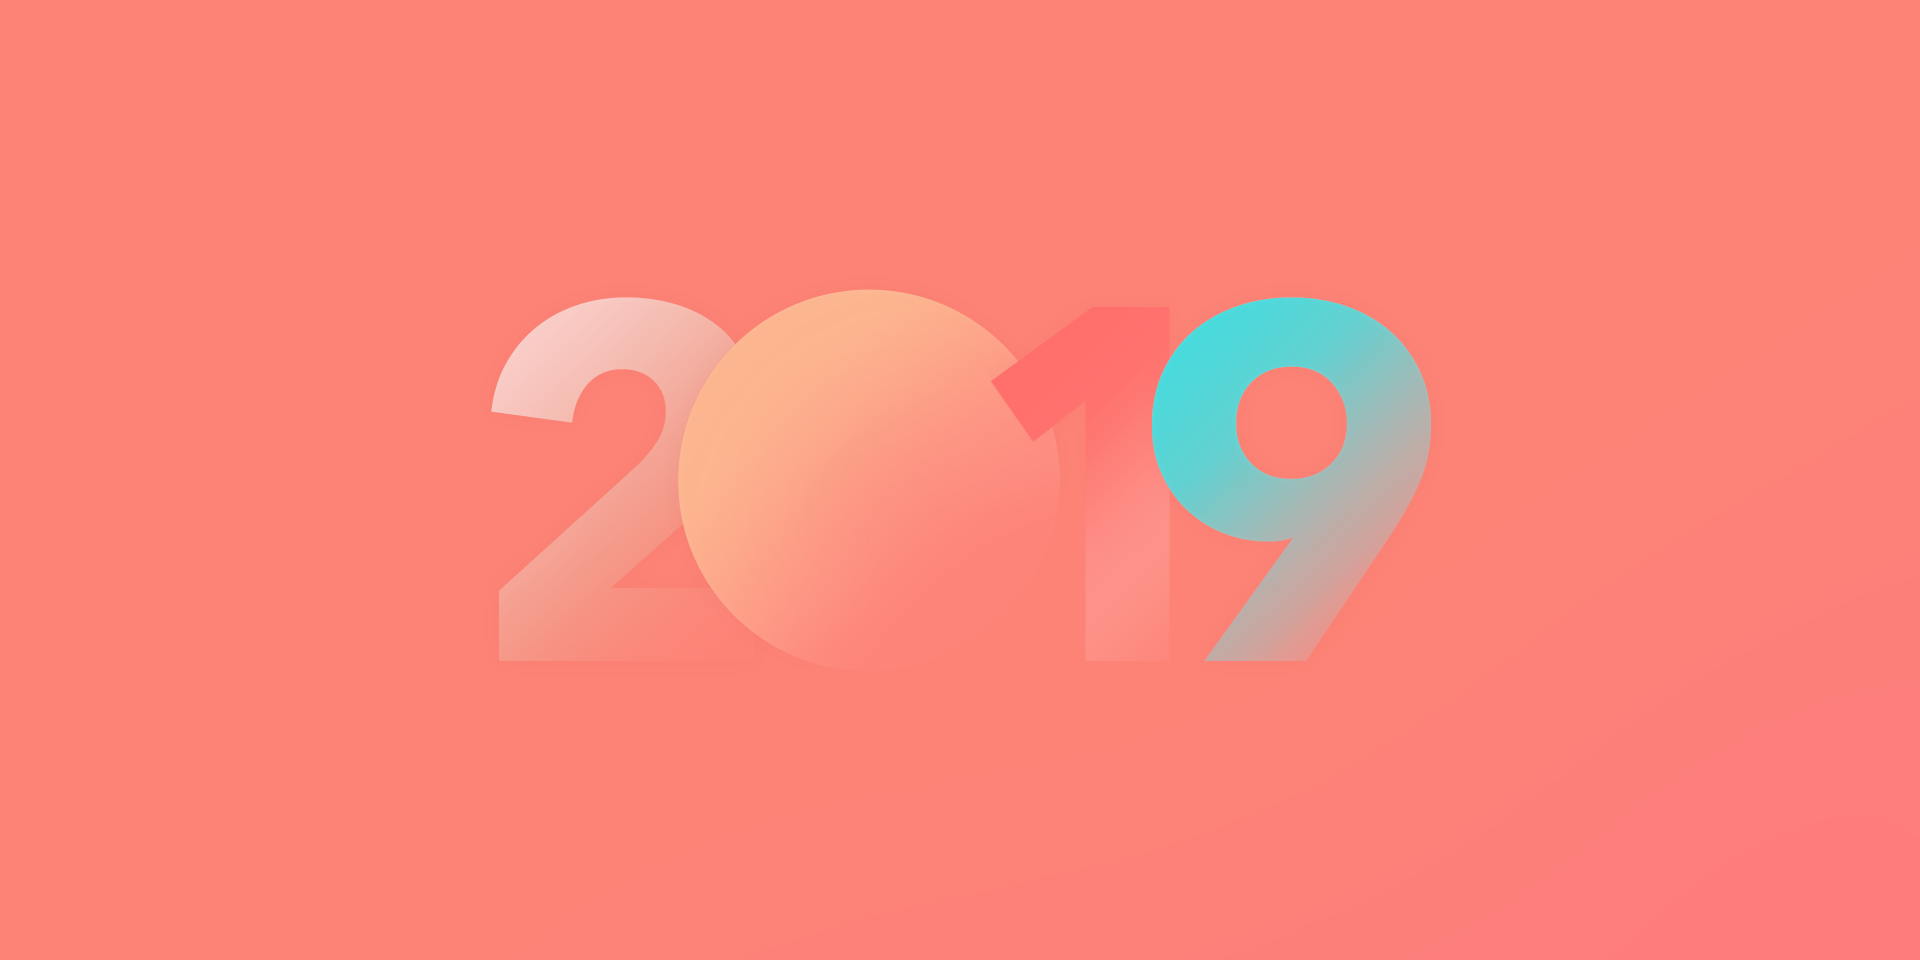 2019년 새해 목표